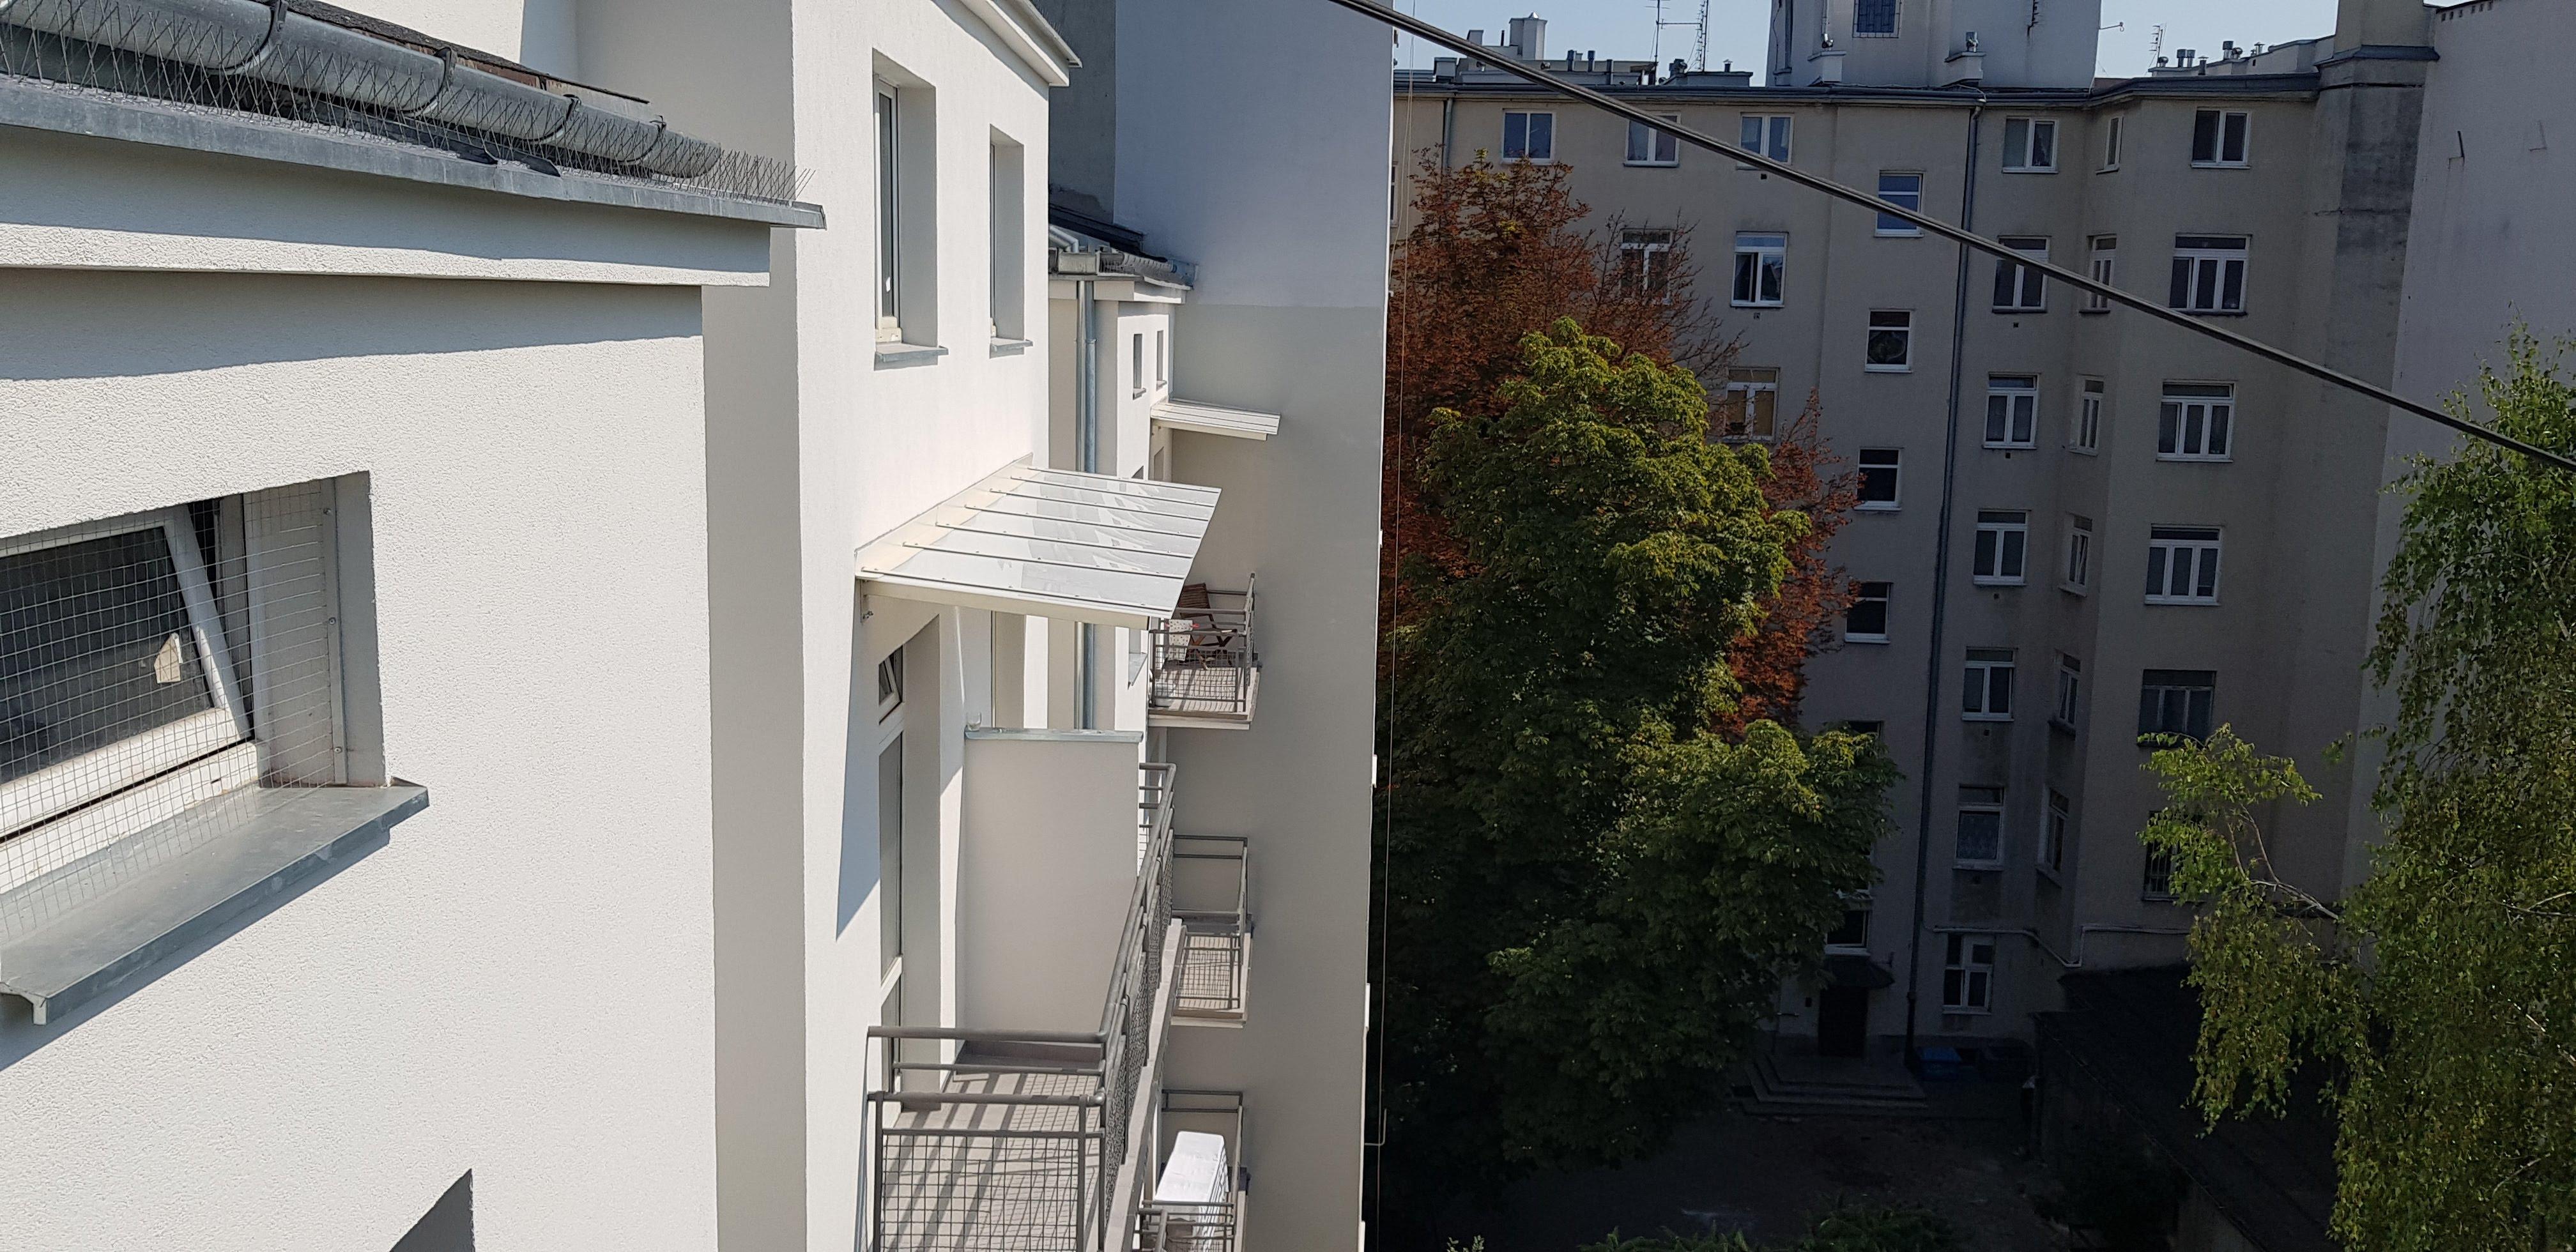 daszki stalowe montowane na budynkach